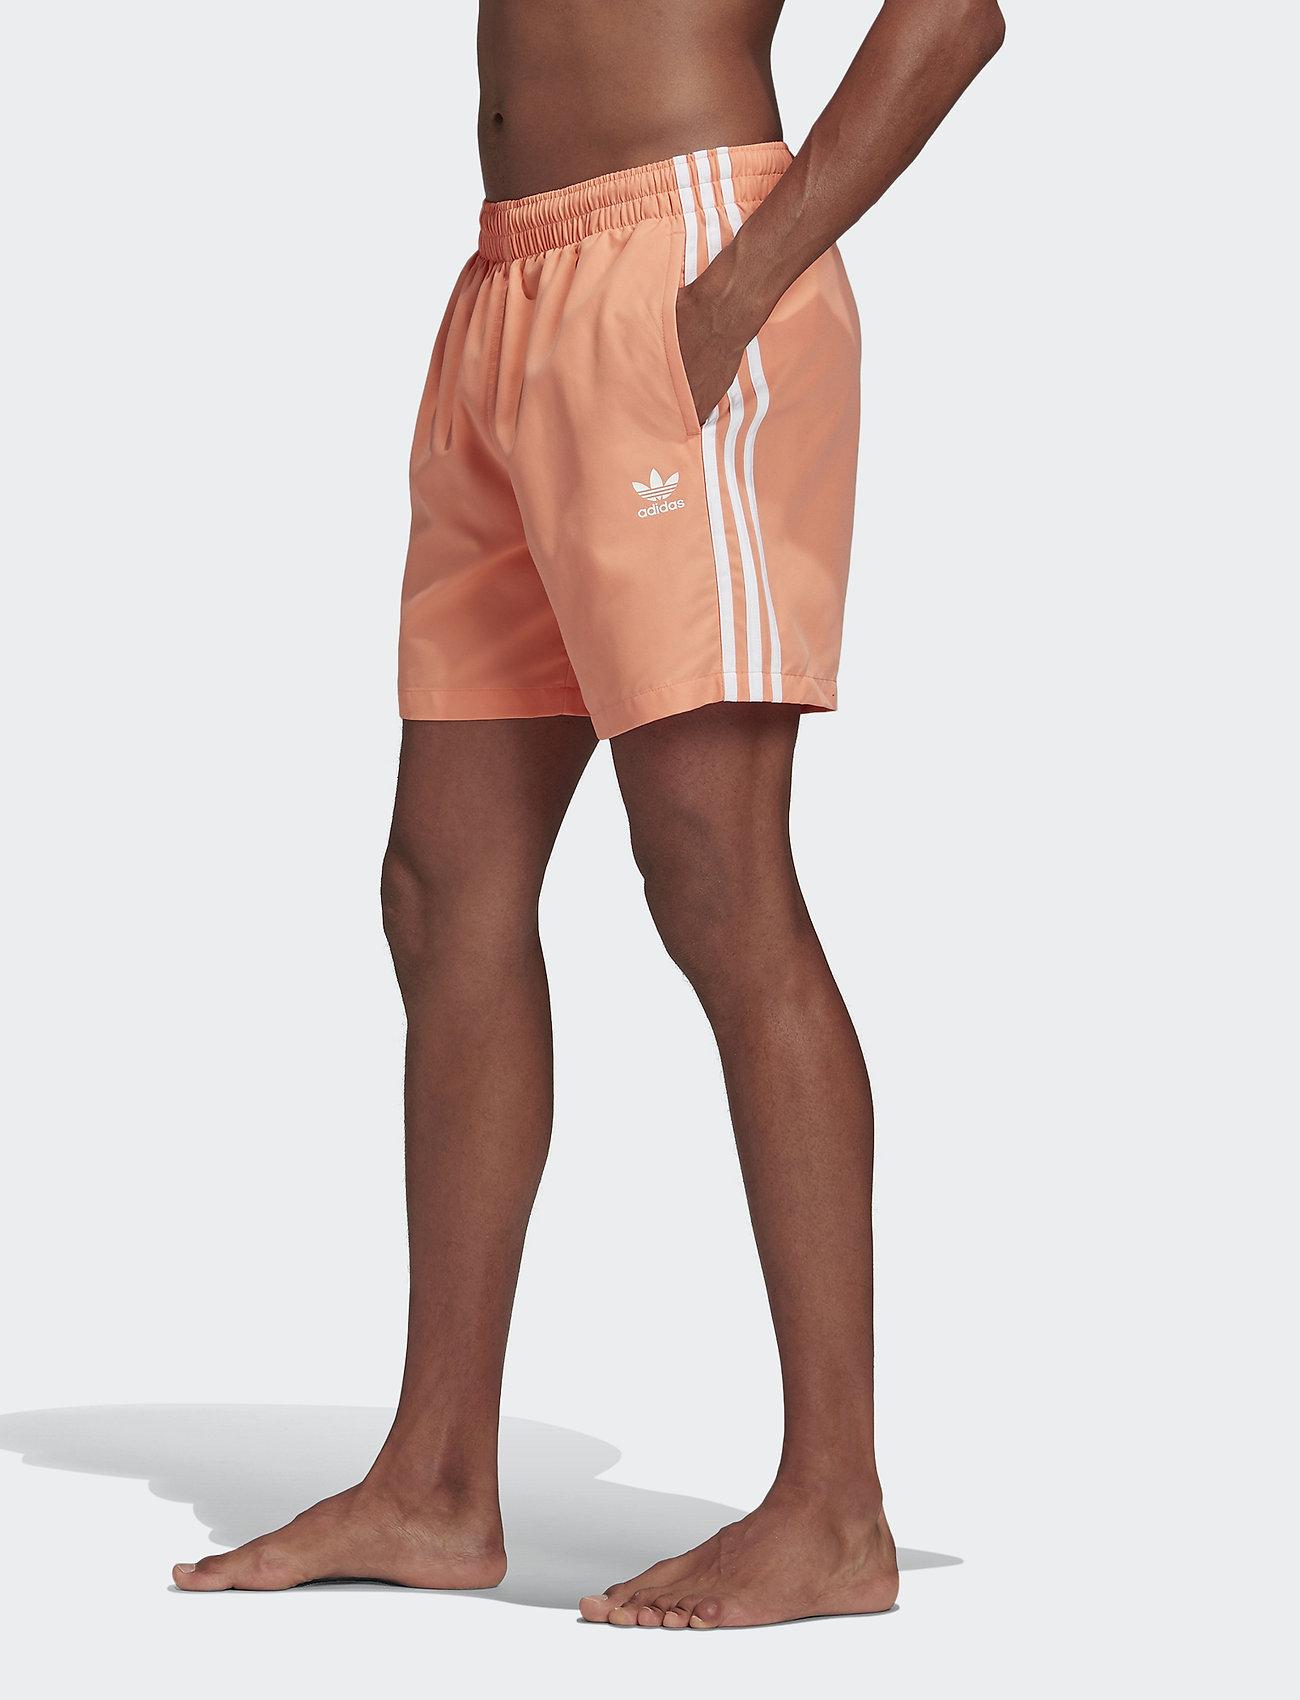 adidas Originals - 3 STRIPE SWIMS - uimashortsit - chacor - 0